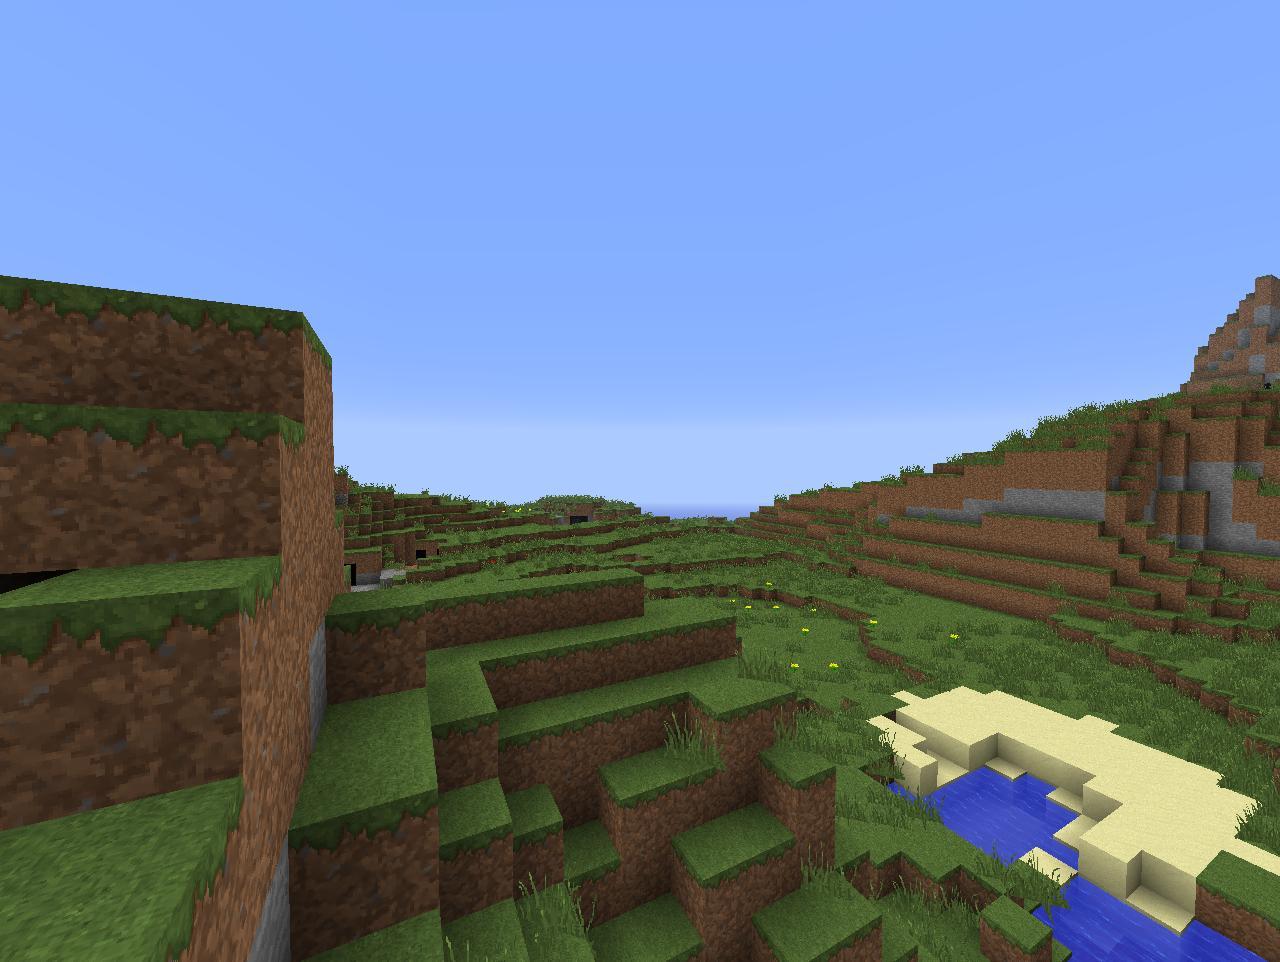 Текстур пак Faithful [32x] для Minecraft 1.5.2 скачать ...